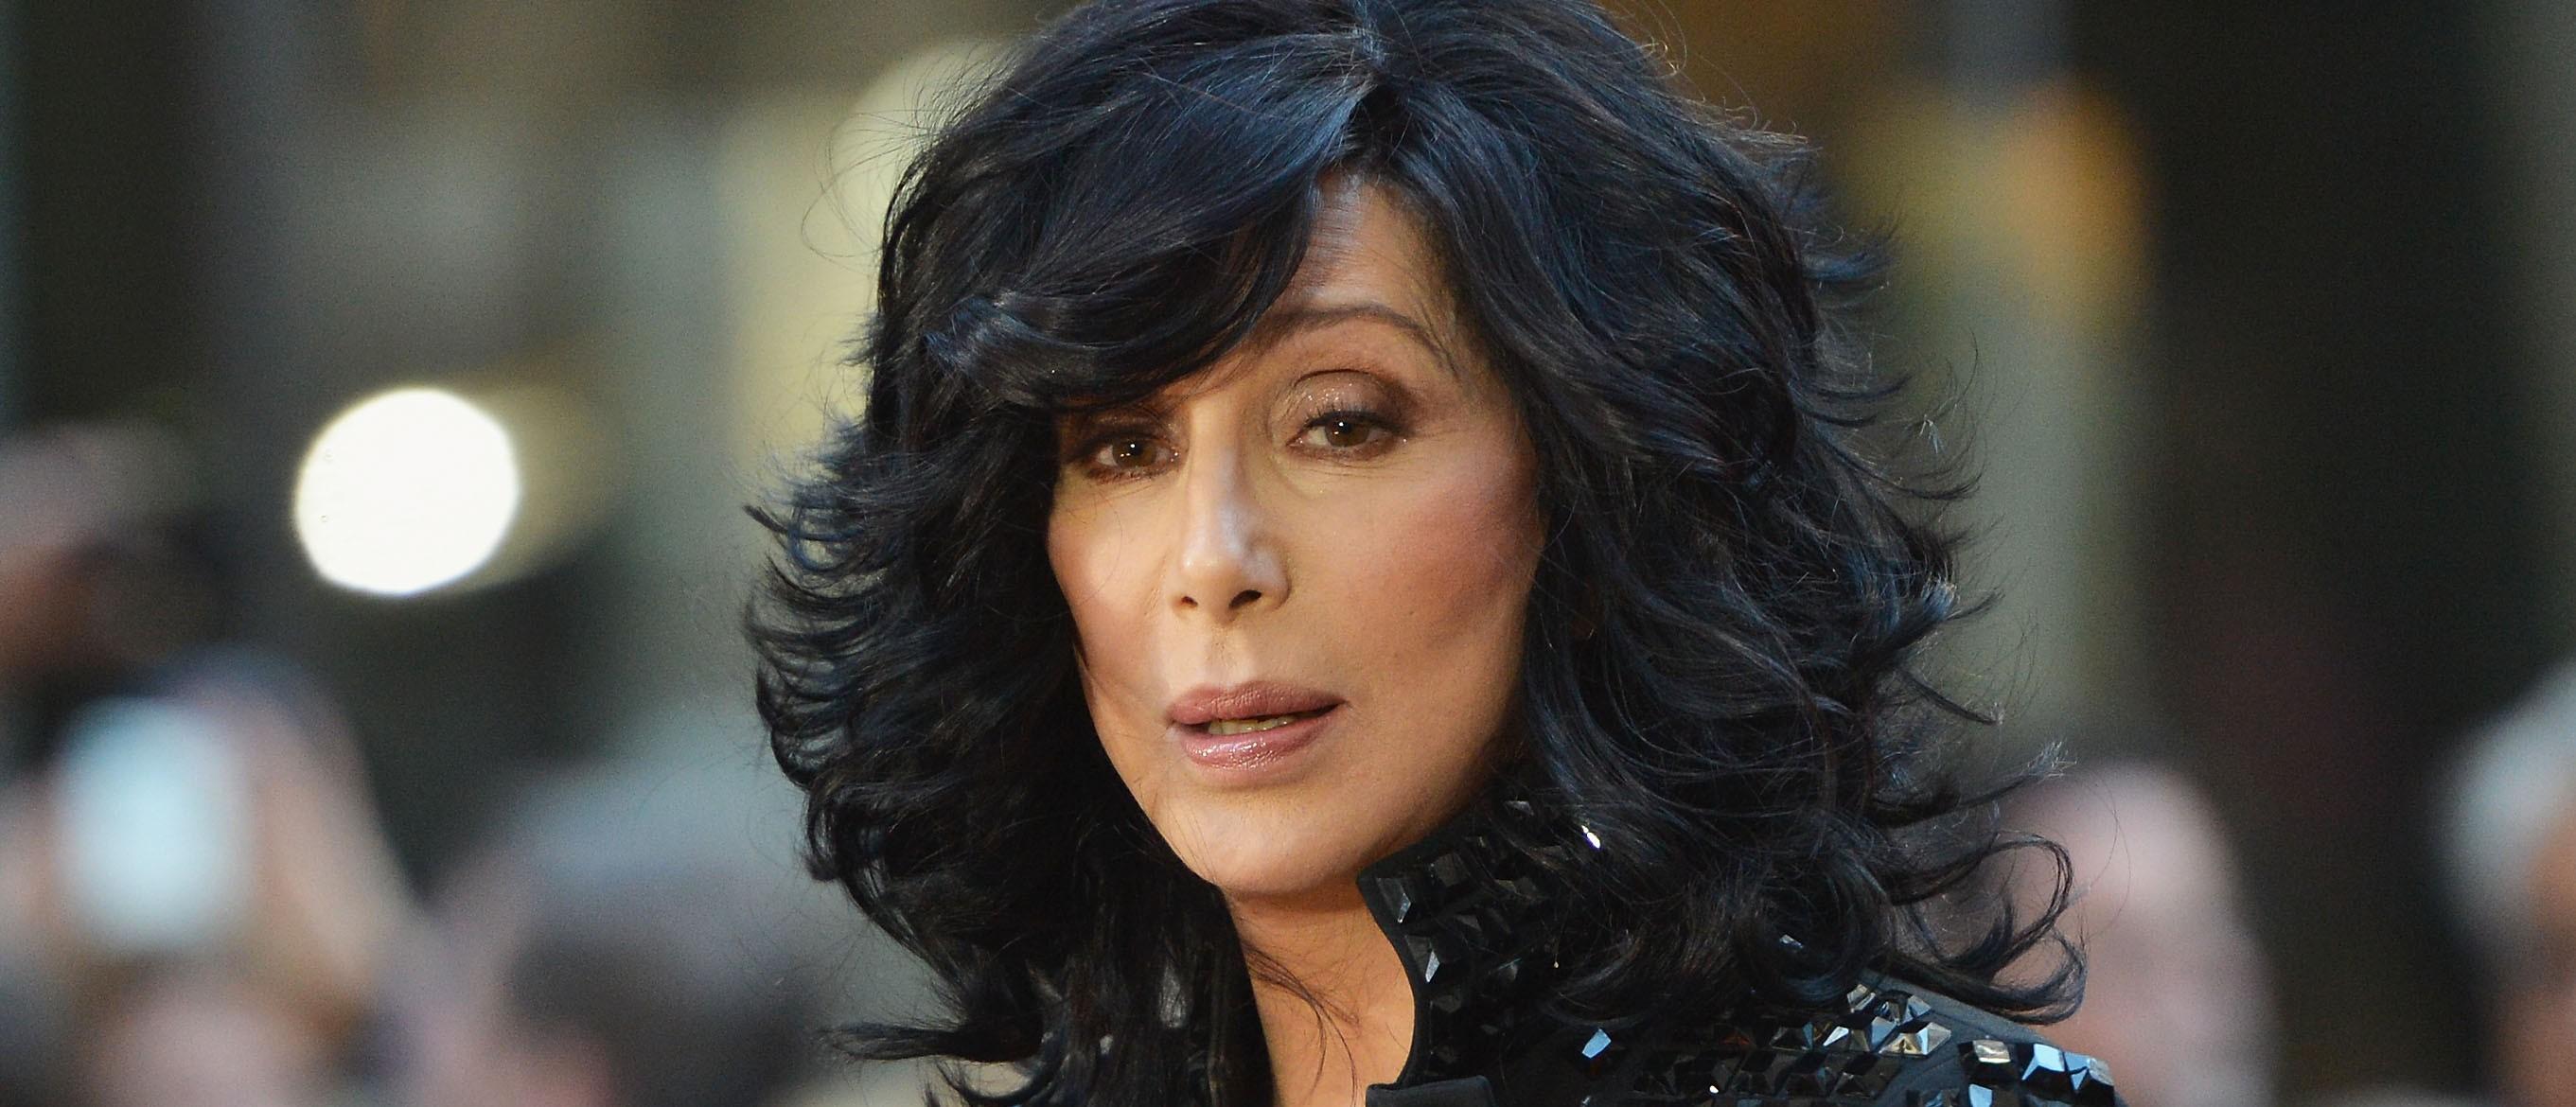 Cher makes fun of Donald Trump